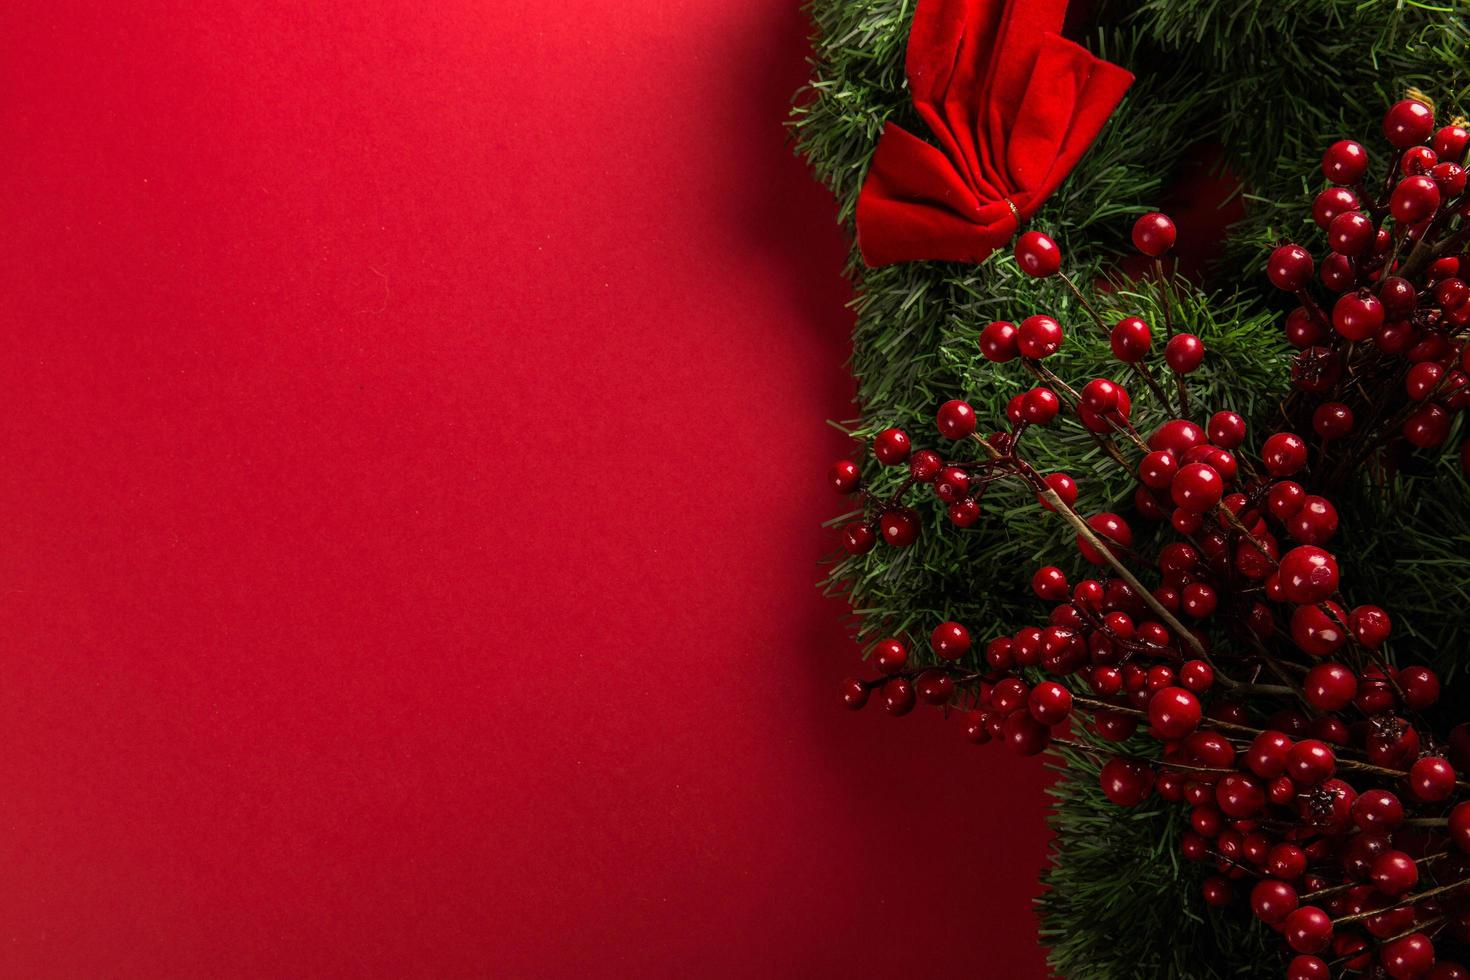 röda och gröna semesterdekorationer foto